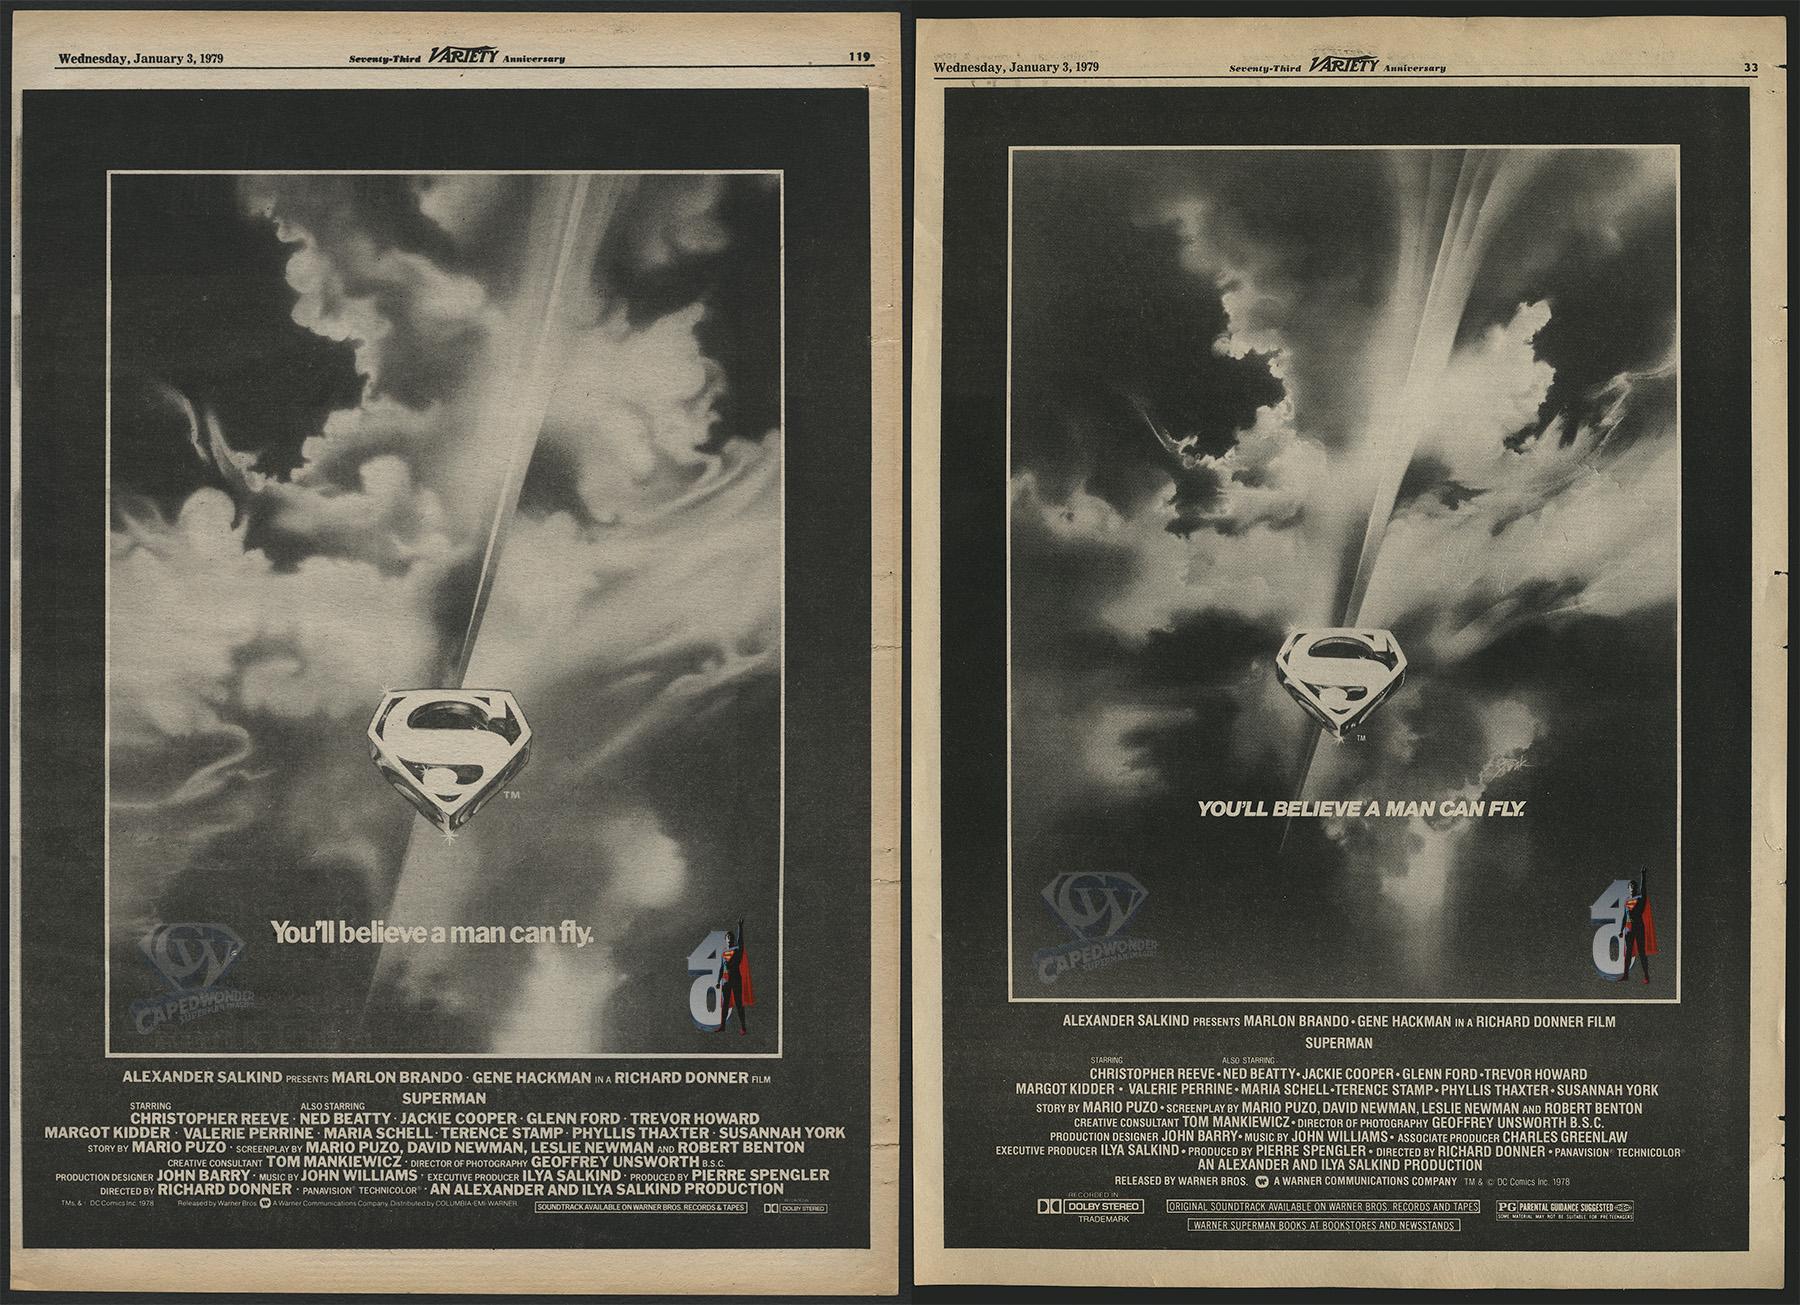 CW-STM-UK-Variety-vs-US-Variety-Jan-1979